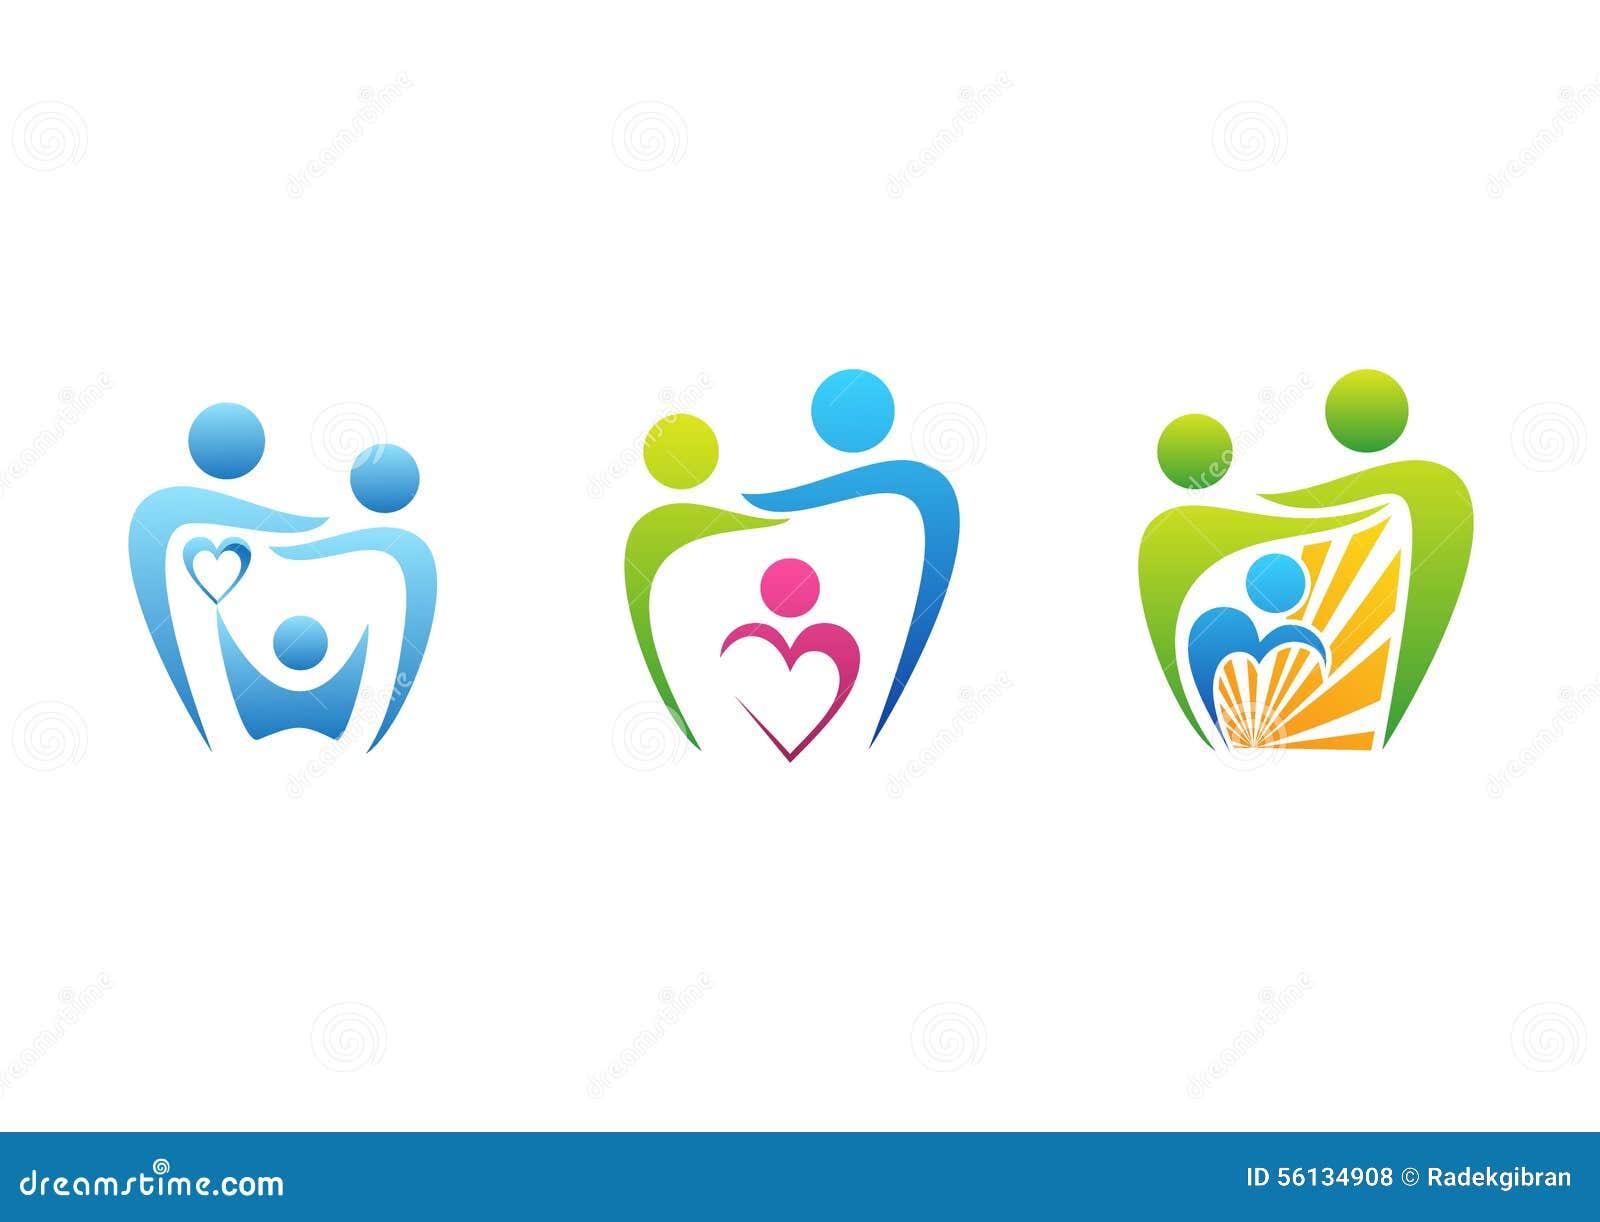 Familia, parenting, logotipo del cuidado dental, símbolo de la educación sanitaria del dentista, vector del diseño determinado de